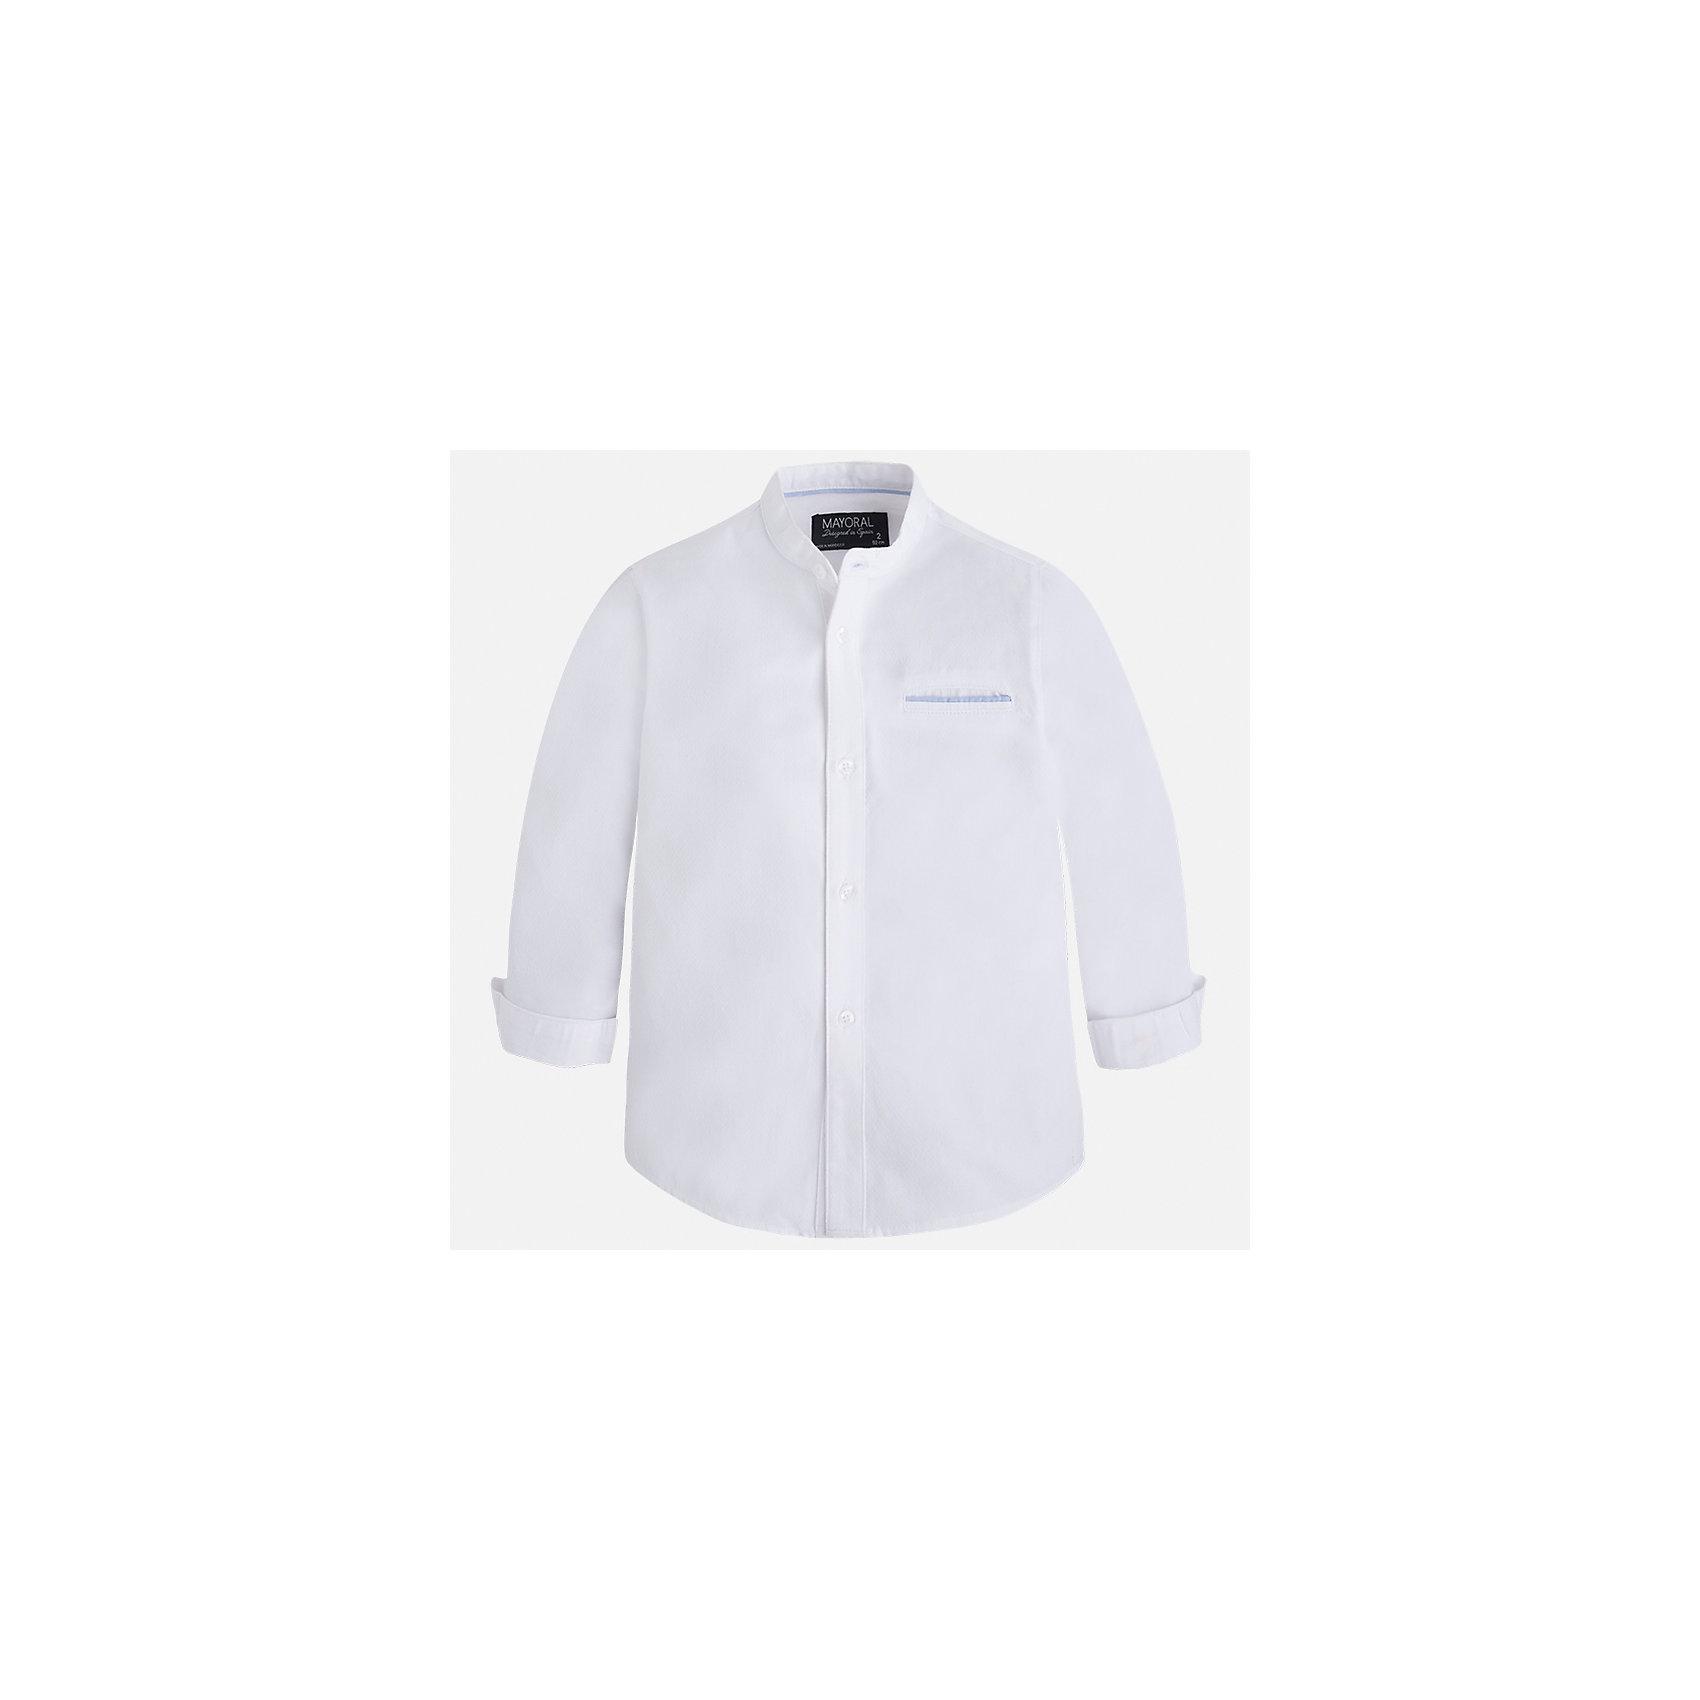 Рубашка для мальчика MayoralБлузки и рубашки<br>Характеристики товара:<br><br>• цвет: белый<br>• состав: 100% хлопок<br>• отложной воротник<br>• рукава с отворотами<br>• застежка: пуговицы<br>• карман на груди<br>• страна бренда: Испания<br><br>Удобная модная рубашка-поло для мальчика может стать базовой вещью в гардеробе ребенка. Она отлично сочетается с брюками, шортами, джинсами и т.д. Универсальный крой и цвет позволяет подобрать к вещи низ разных расцветок. Практичное и стильное изделие! В составе материала - только натуральный хлопок, гипоаллергенный, приятный на ощупь, дышащий.<br><br>Одежда, обувь и аксессуары от испанского бренда Mayoral полюбились детям и взрослым по всему миру. Модели этой марки - стильные и удобные. Для их производства используются только безопасные, качественные материалы и фурнитура. Порадуйте ребенка модными и красивыми вещами от Mayoral! <br><br>Рубашку-поло для мальчика от испанского бренда Mayoral (Майорал) можно купить в нашем интернет-магазине.<br><br>Ширина мм: 174<br>Глубина мм: 10<br>Высота мм: 169<br>Вес г: 157<br>Цвет: белый<br>Возраст от месяцев: 18<br>Возраст до месяцев: 24<br>Пол: Мужской<br>Возраст: Детский<br>Размер: 92,98,122,134,128,116,110,104<br>SKU: 5272396